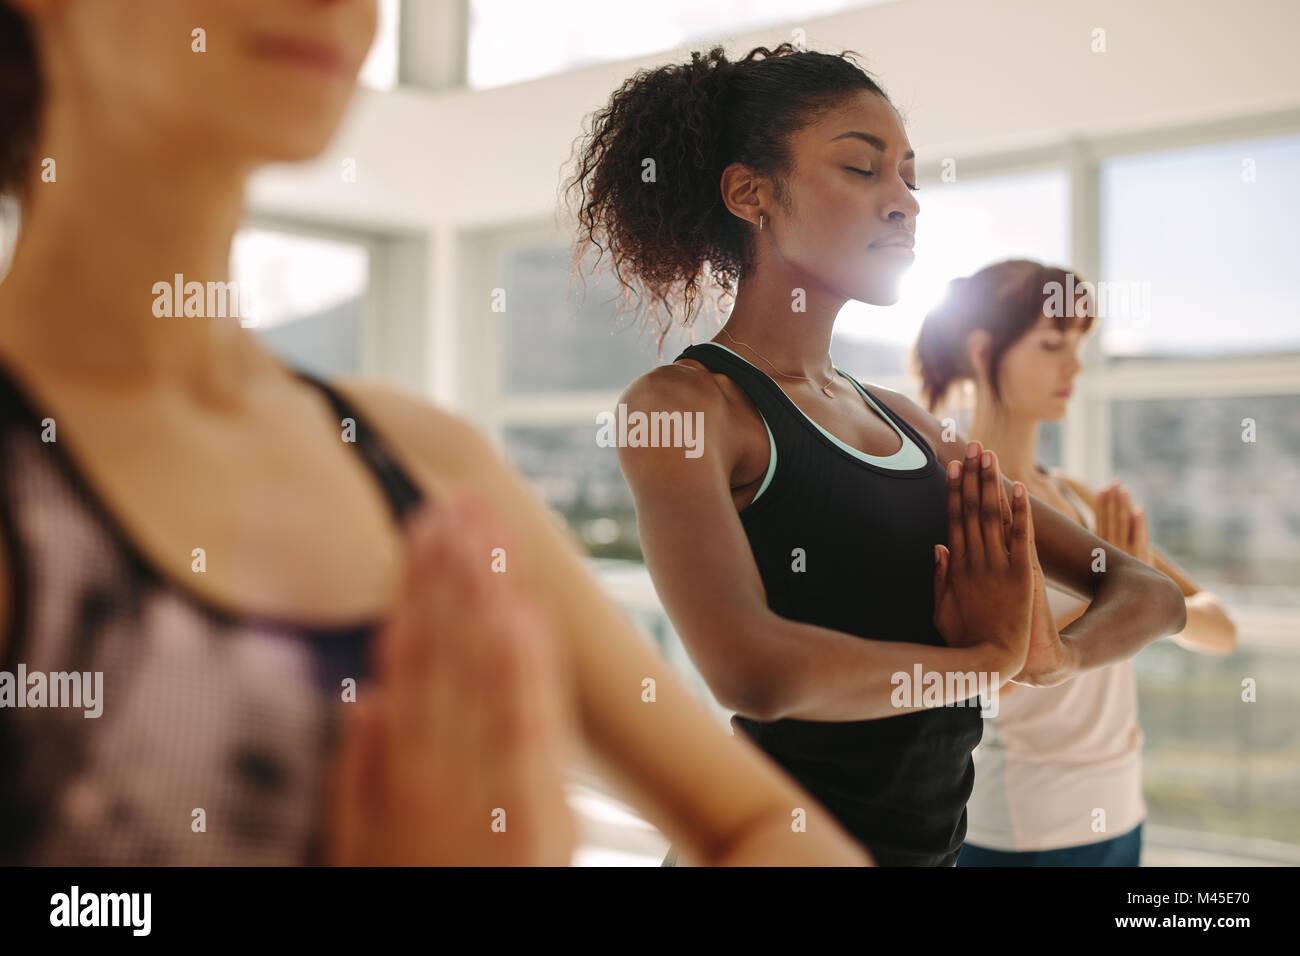 Colocar joven practicar yoga con amigos. Mujeres haciendo gimnasia yoga meditación interior en la clase de Imagen De Stock